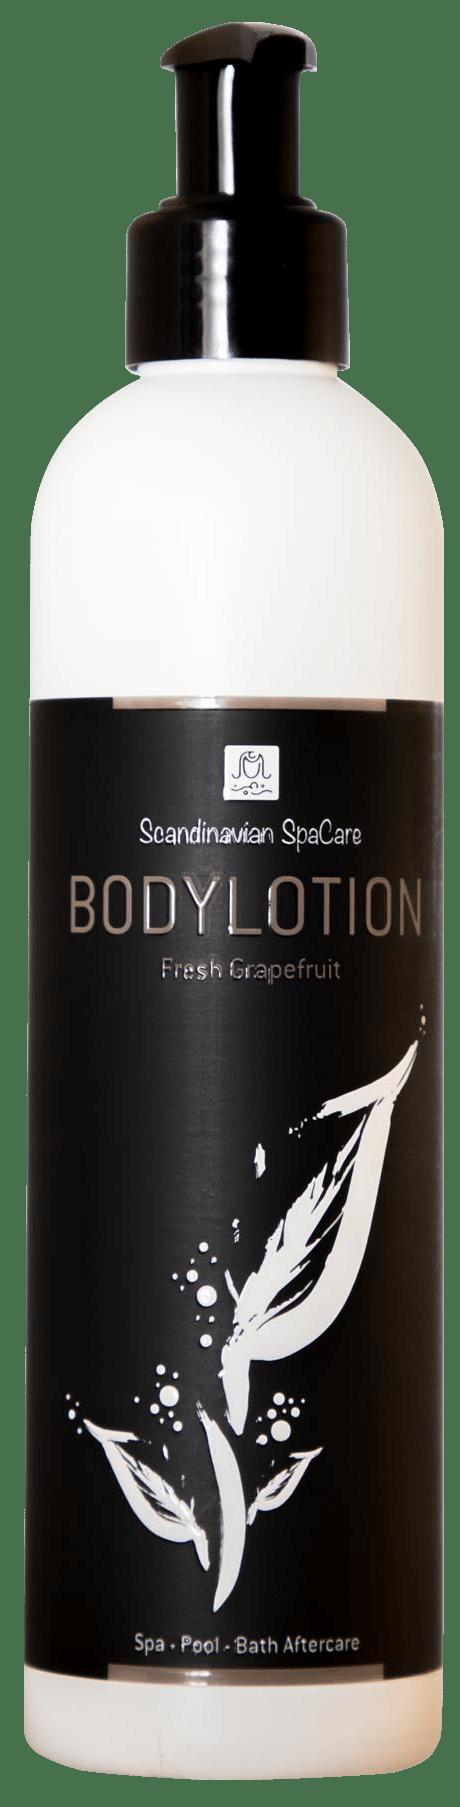 Bodylotion